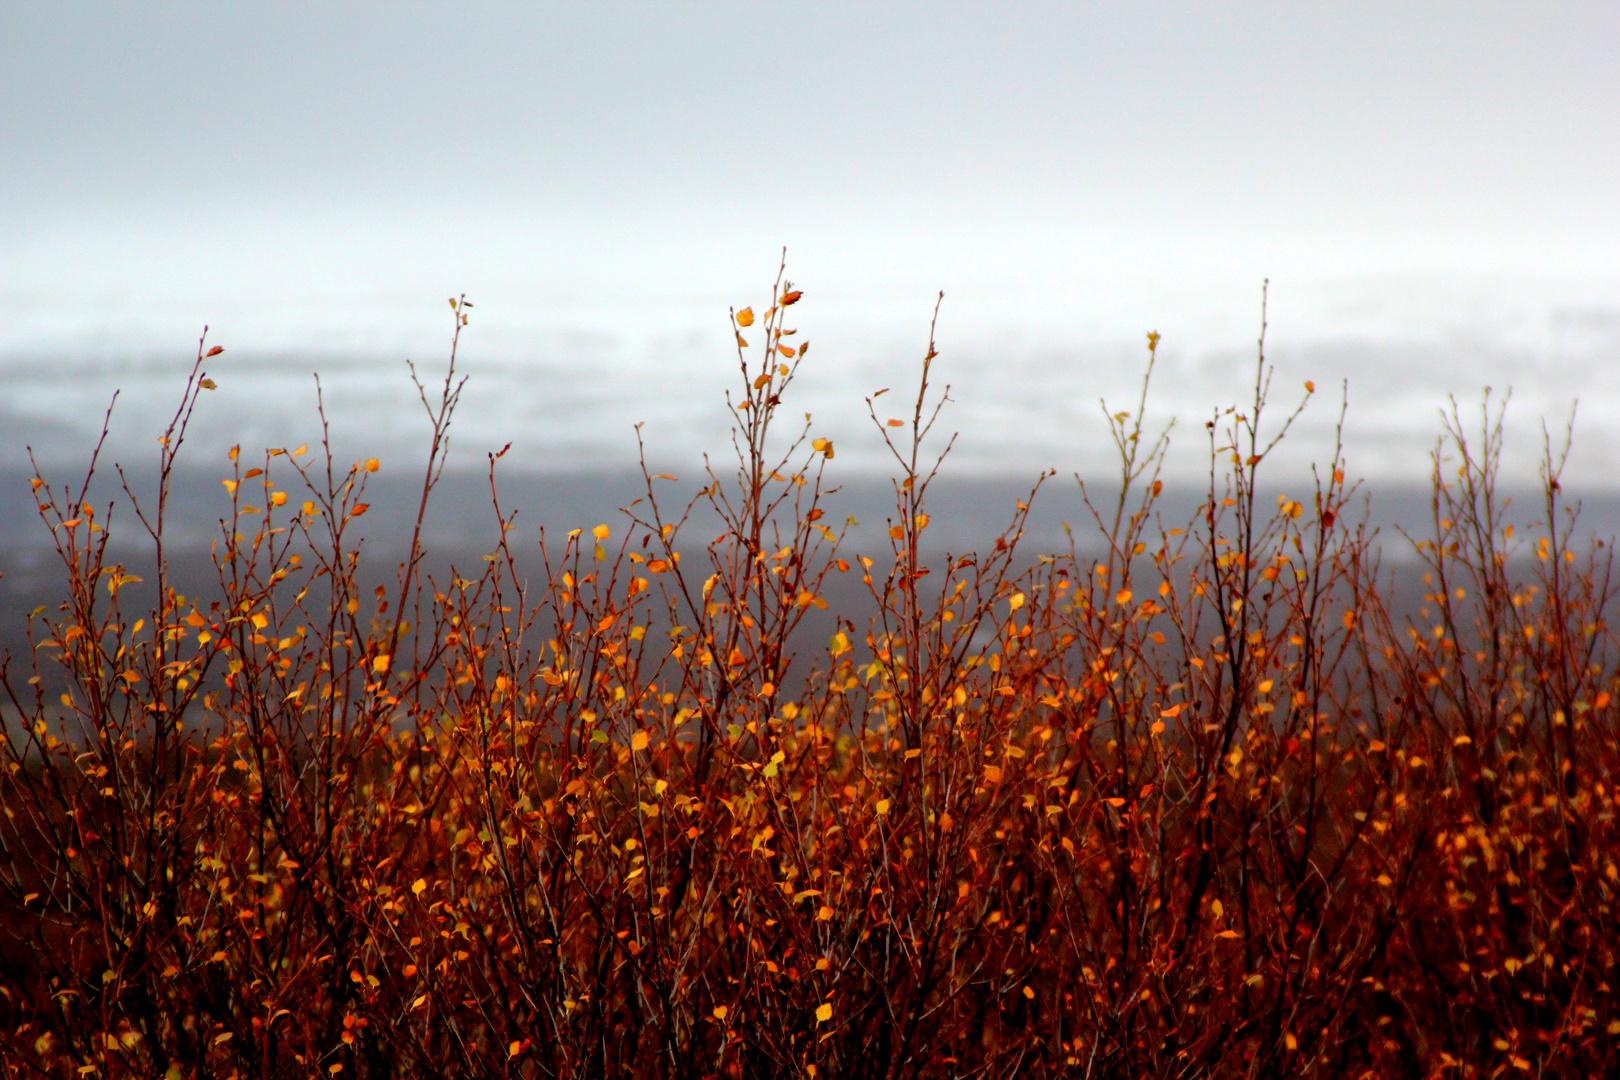 golden autumn in iceland